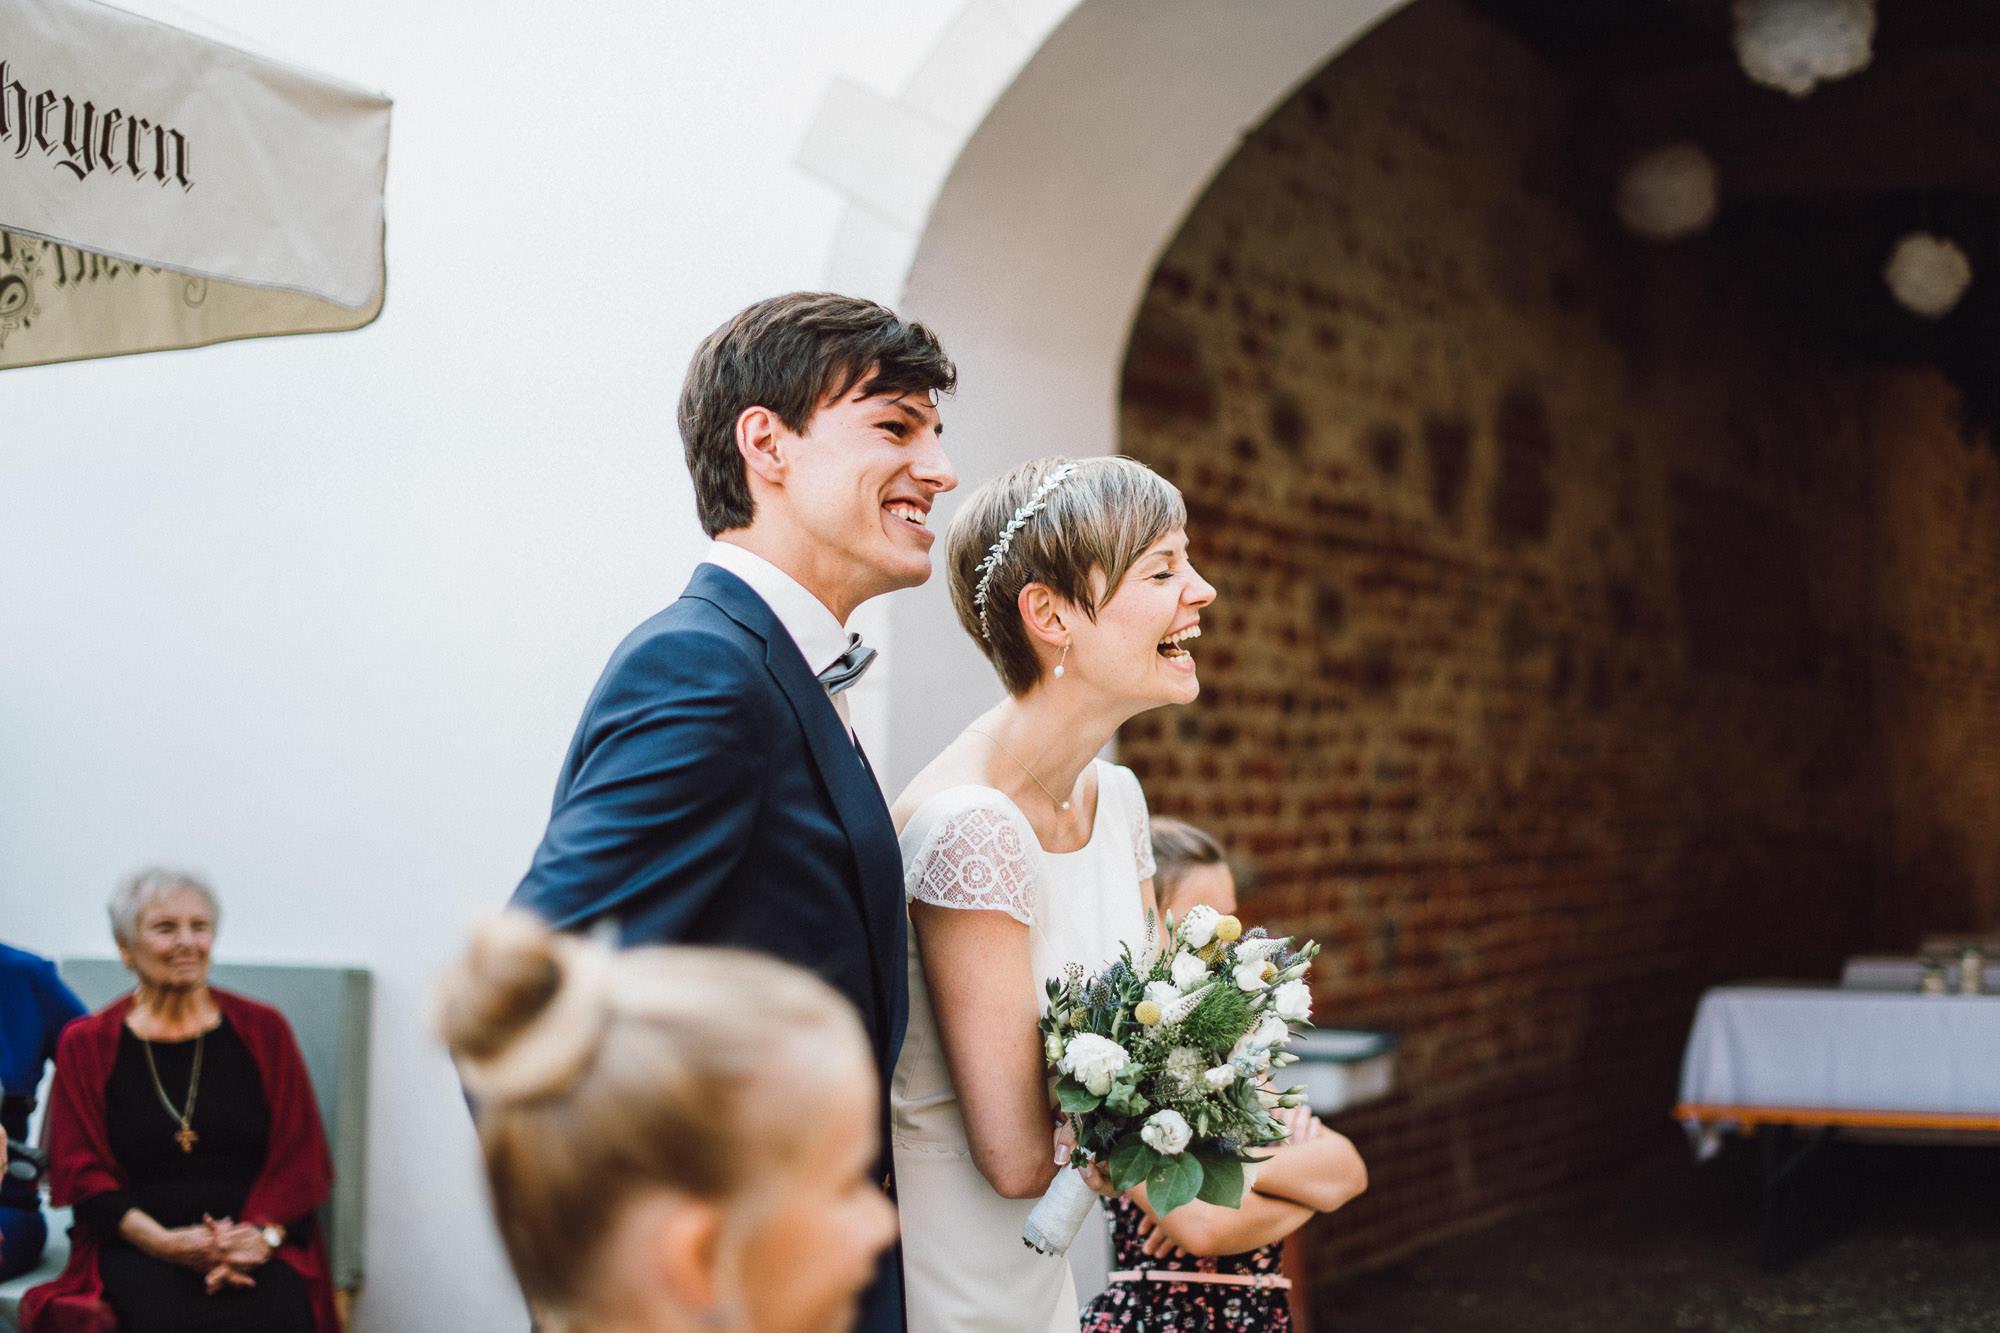 greenery-wedding-hochzeit-prielhof-sukkulenten-scheyern-lauraelenaphotography-072